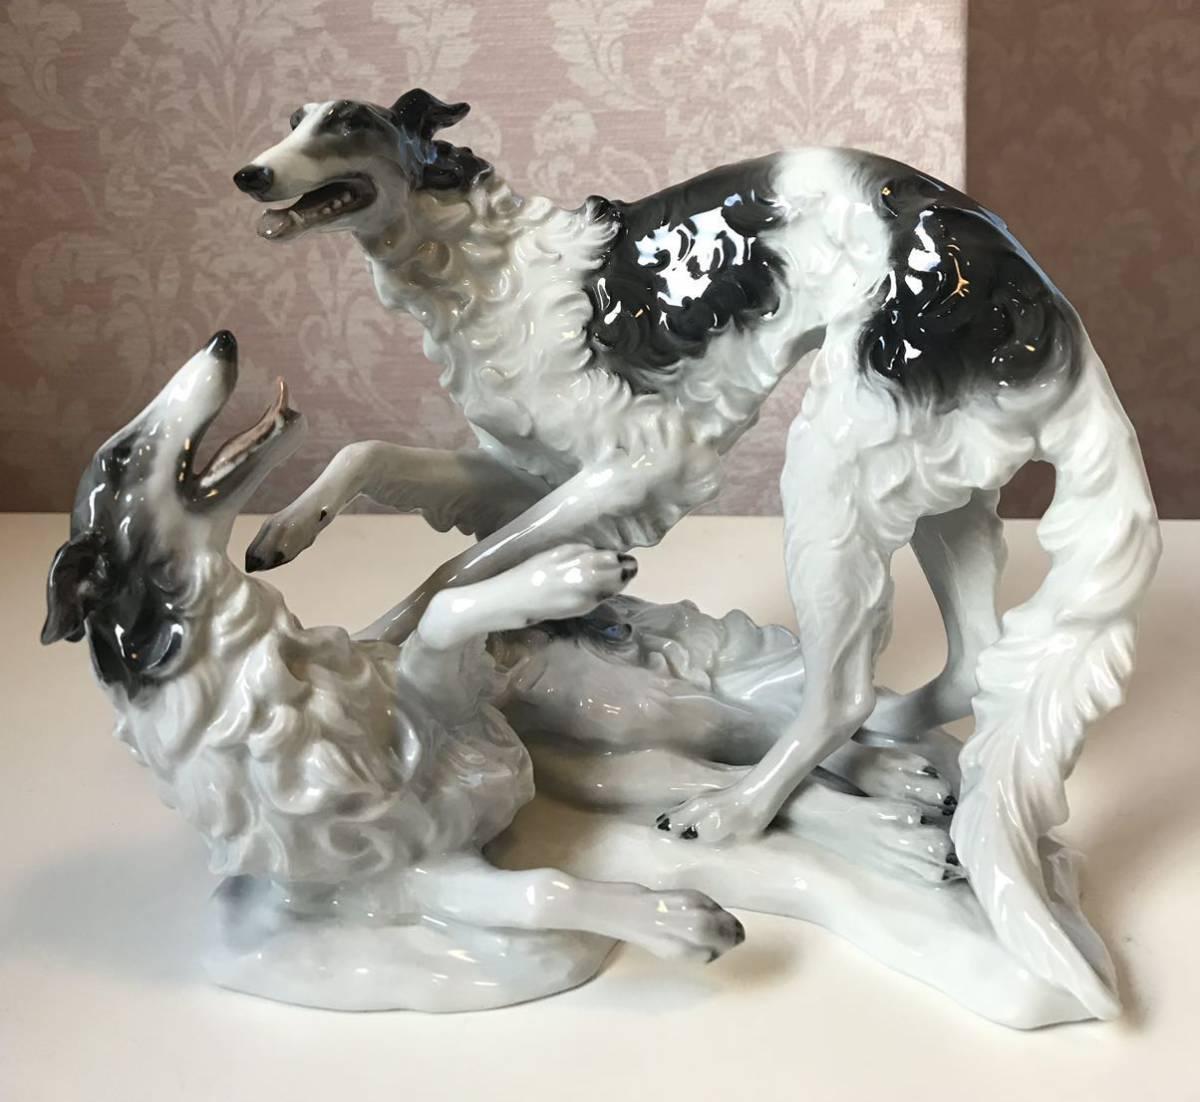 〈送料込〉〈美品〉1937年 ローゼンタール ボルゾイ ロシアングレイハウンド フィギュリン Rosenthal フィギュア 犬 いぬ dog 置物_画像1